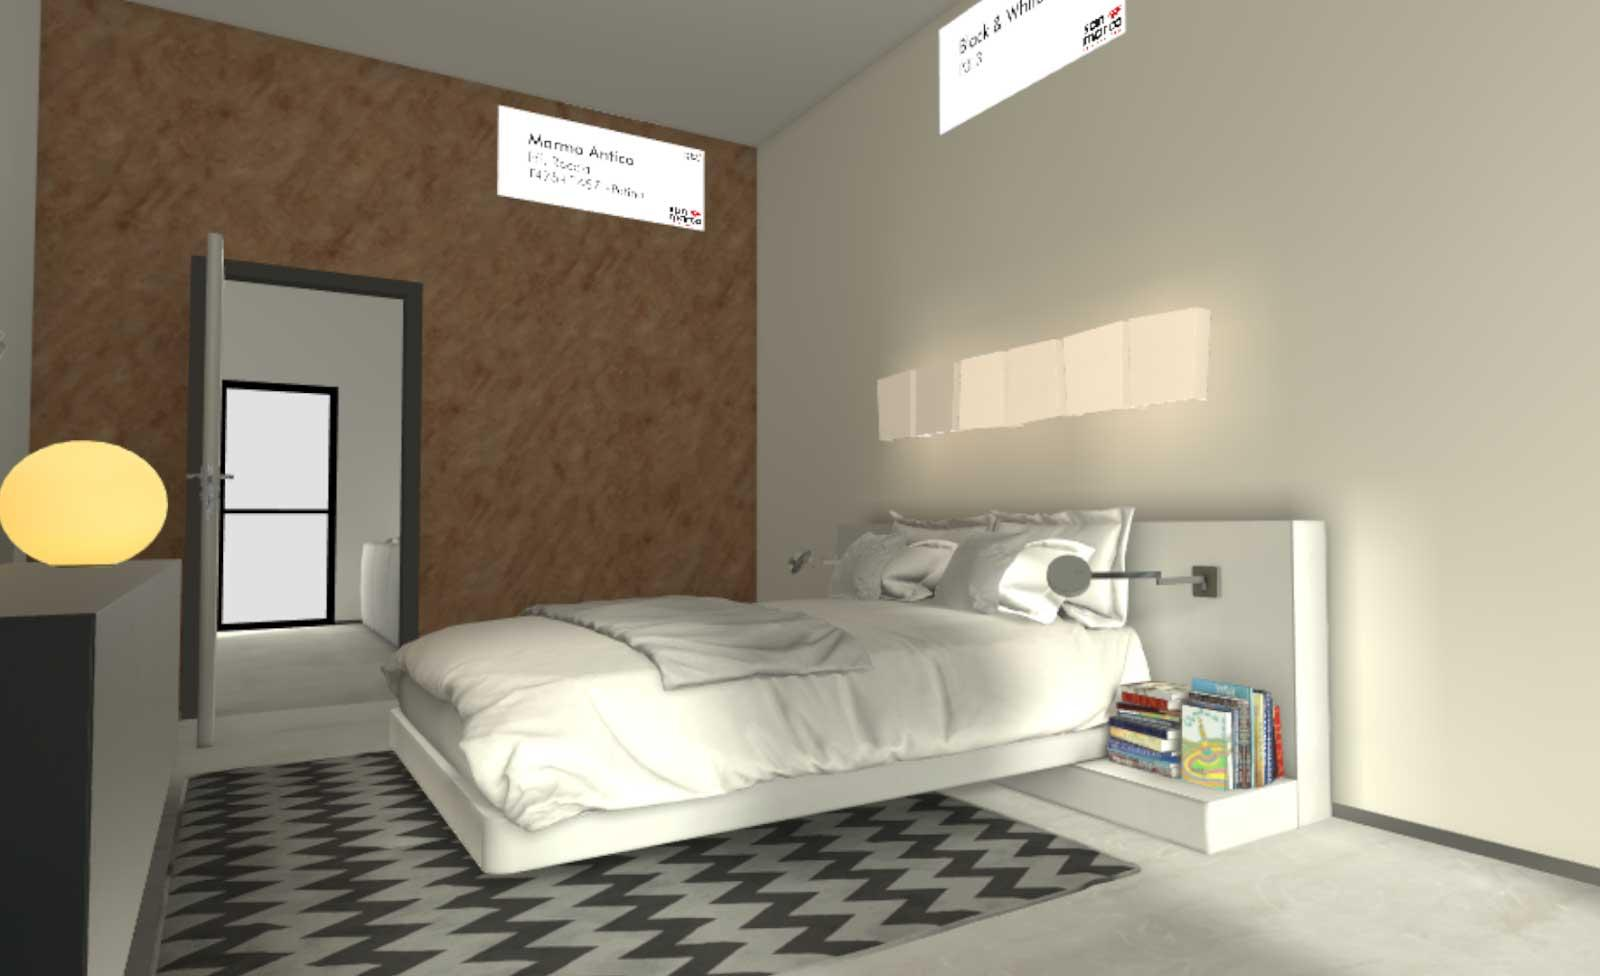 Tinteggiare Camera Da Letto realtà virtuale per dipingere le pareti e scegliere il